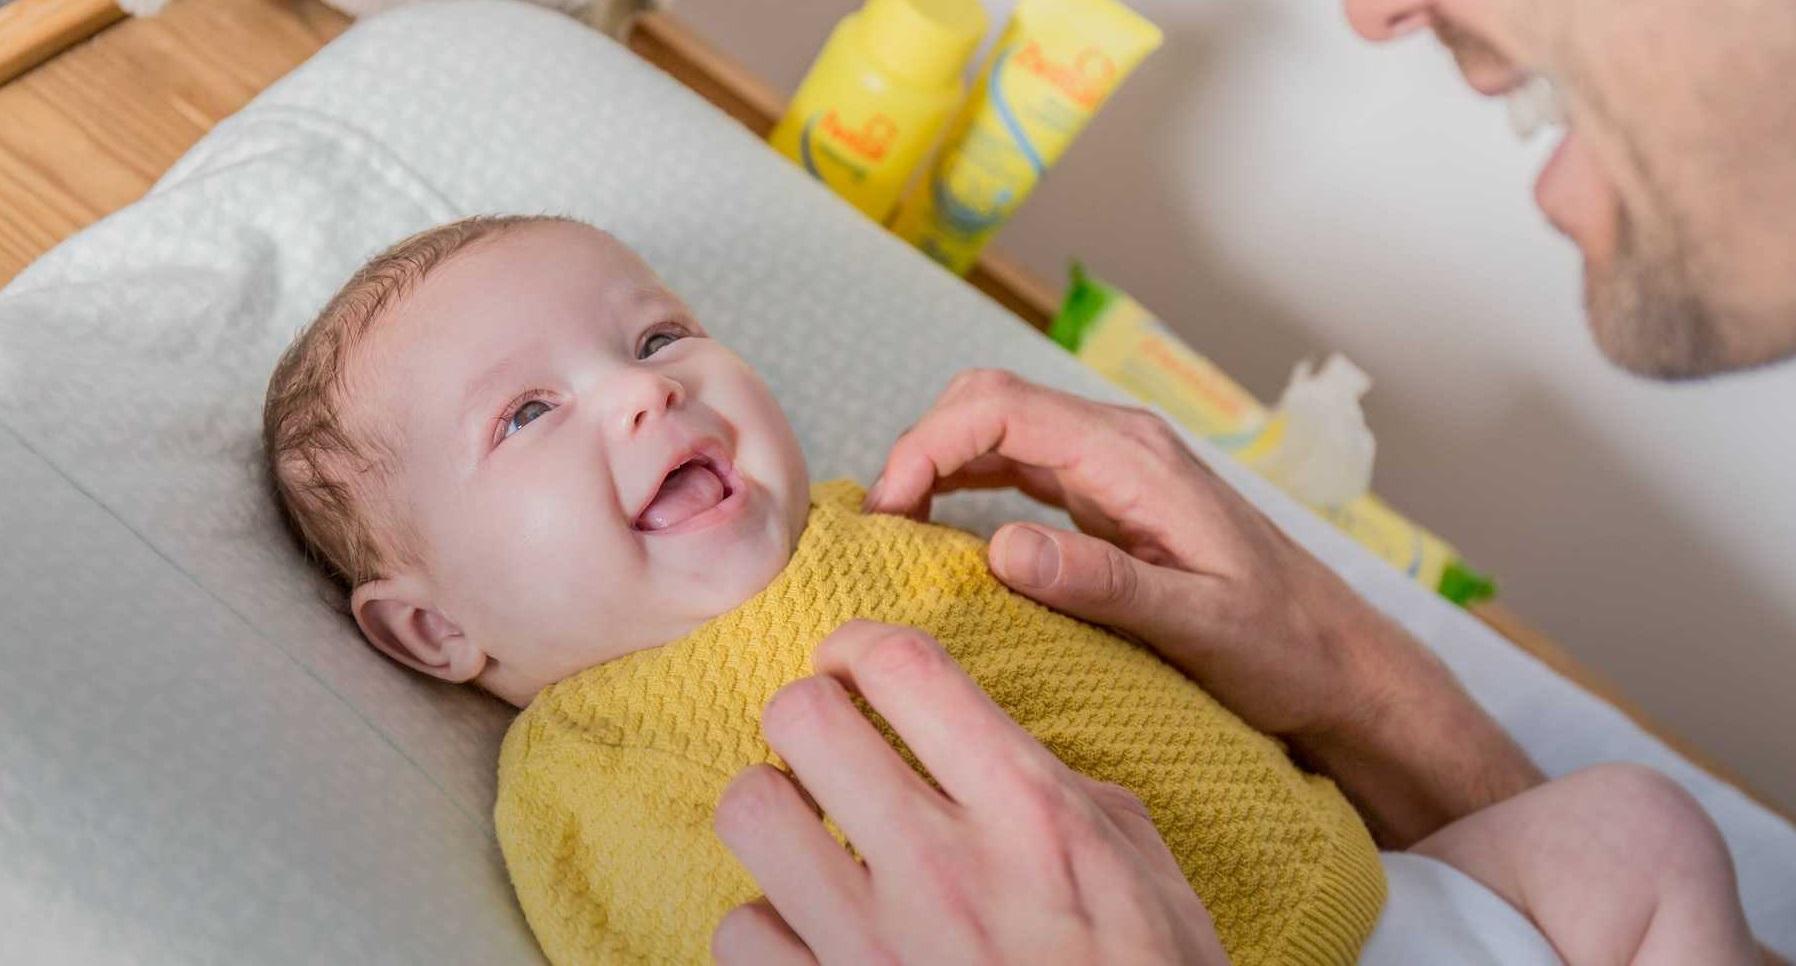 Những đứa trẻ sẽ thể hiện tình cảm của chúng bằng cách làm cho bạn cười?